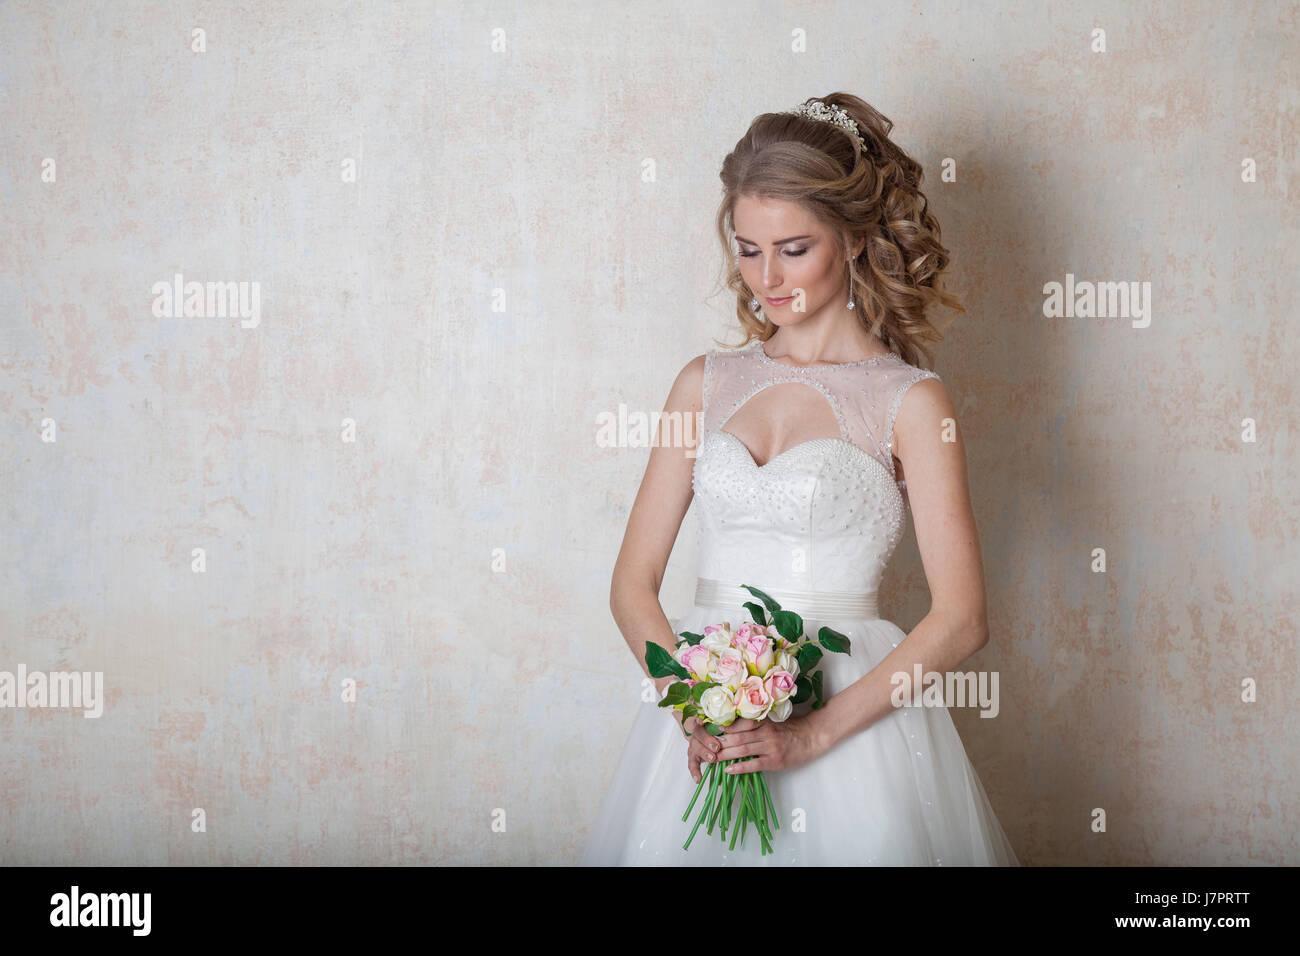 Großzügig Wie Viel Sind Pronovias Hochzeit Kittel Bilder - Hochzeit ...